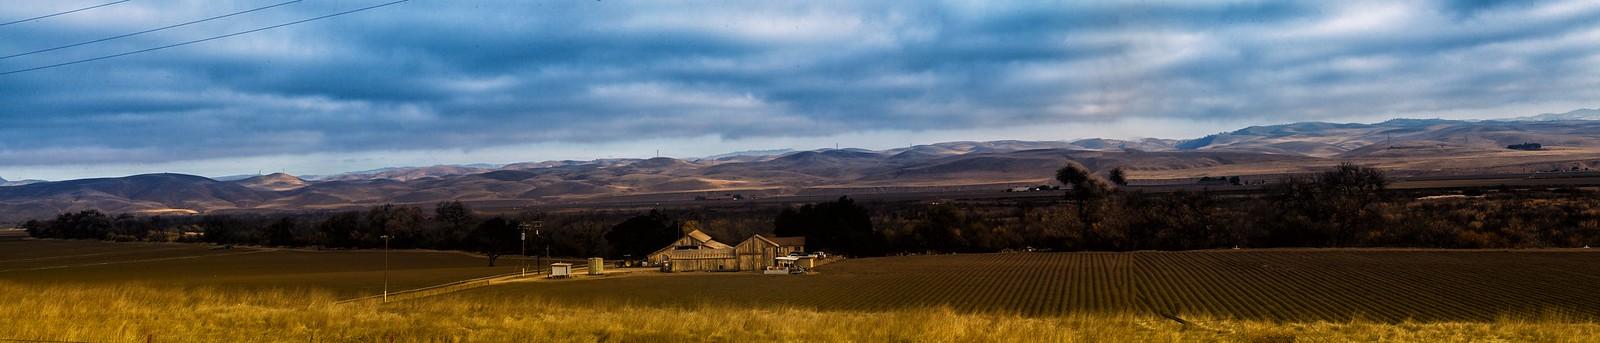 The Lone Farmhouse